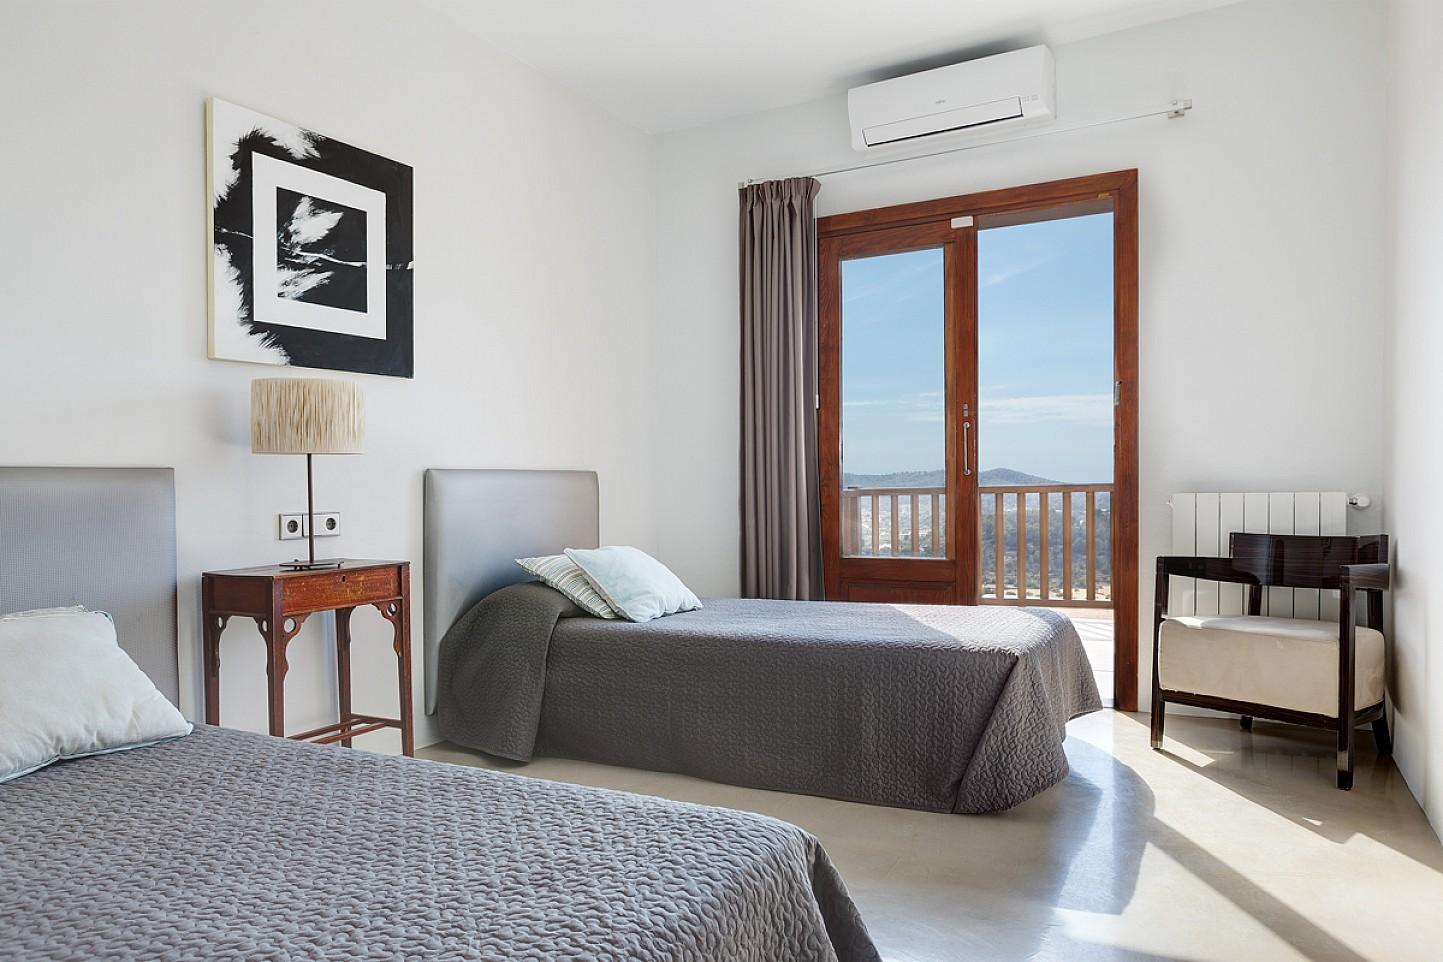 Dormitorio con dos camas de maravillosa villa en alquiler en San Agustin, Ibiza